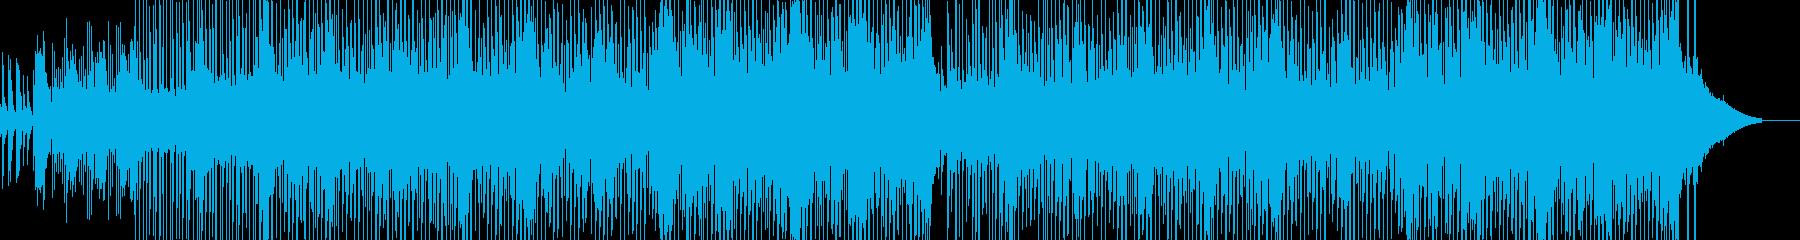 泡風呂 癒しテクノの再生済みの波形